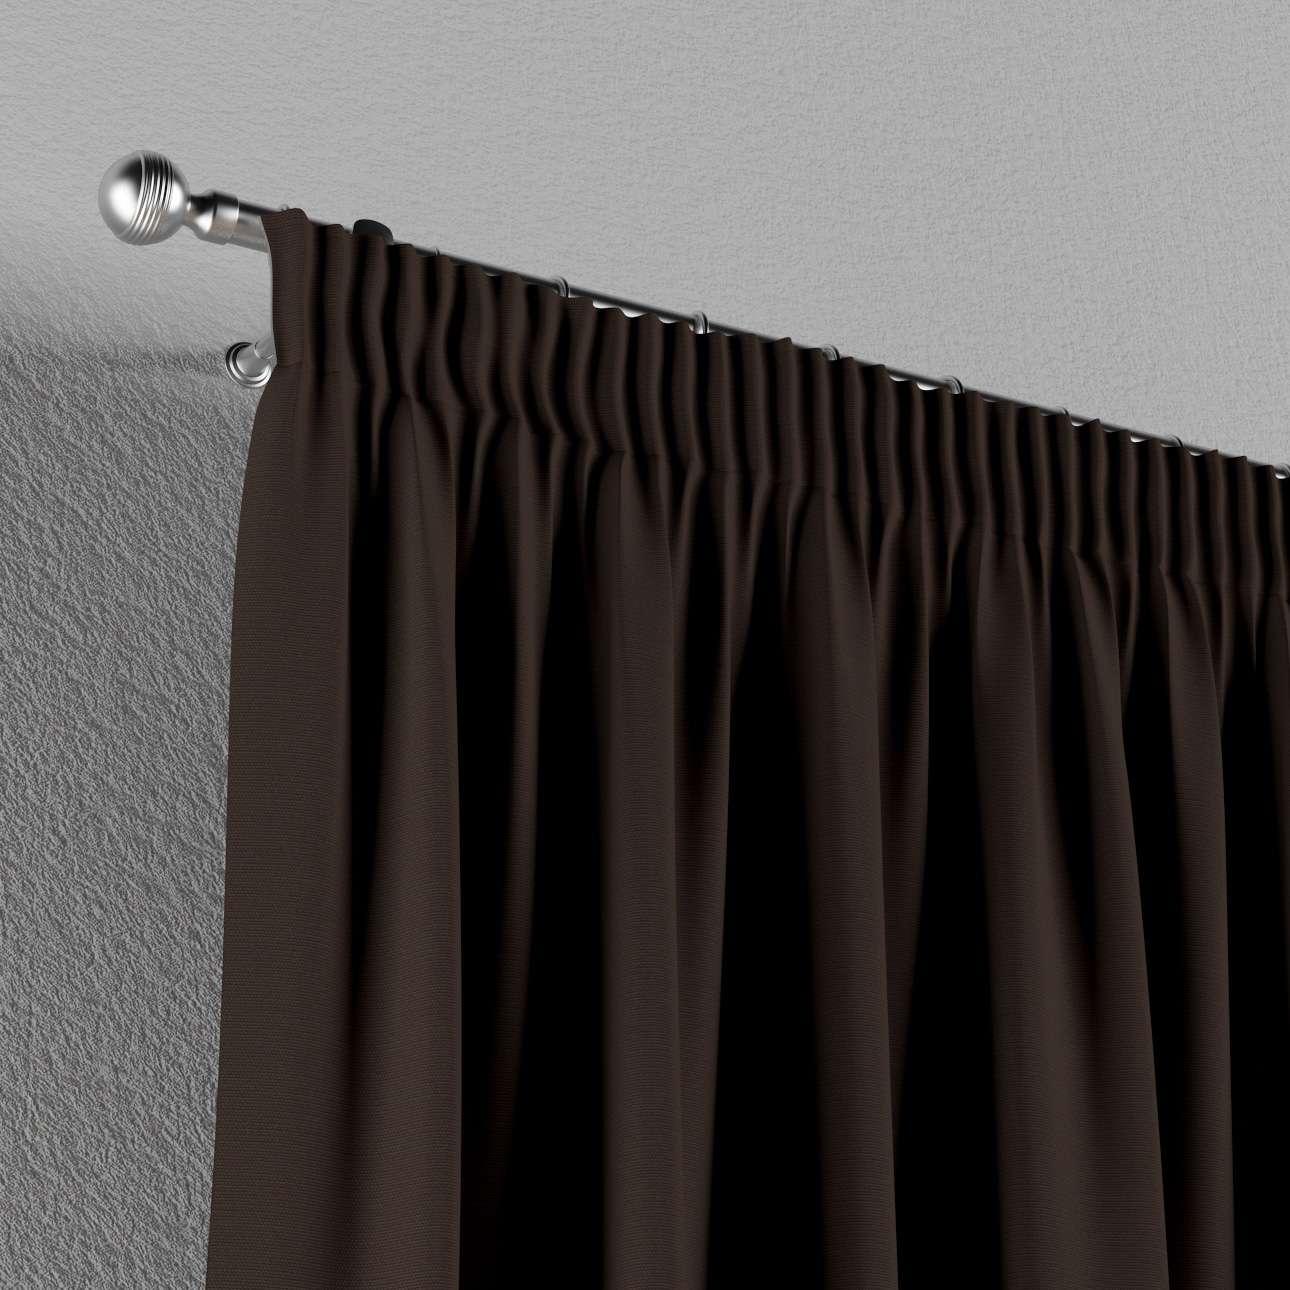 Függöny ráncolóval 130 x 260 cm a kollekcióból Bútorszövet Cotton Panama, Dekoranyag: 702-03